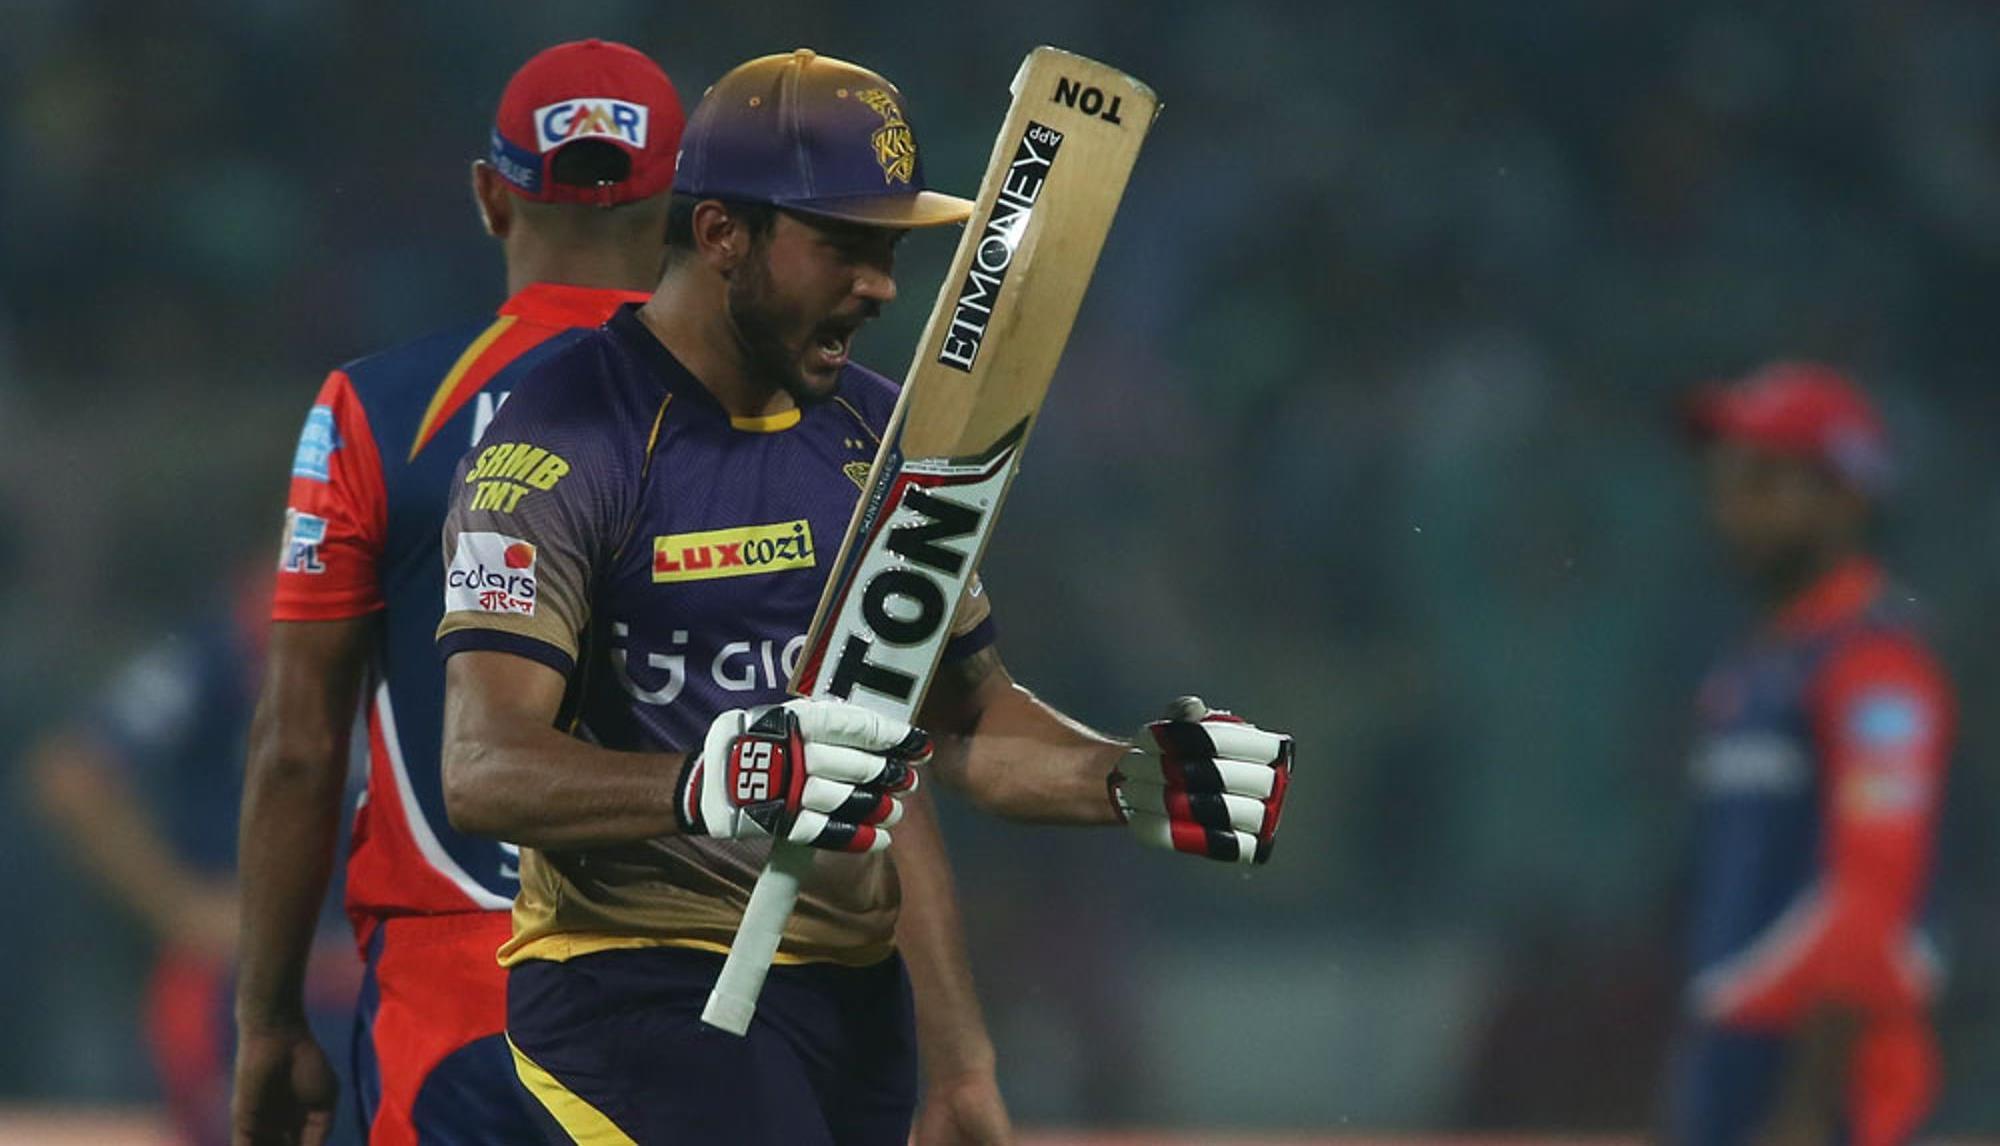 इन पांच मौकों पर दिल्ली के हाथ से फिसल गयी आसान सी जीत 13